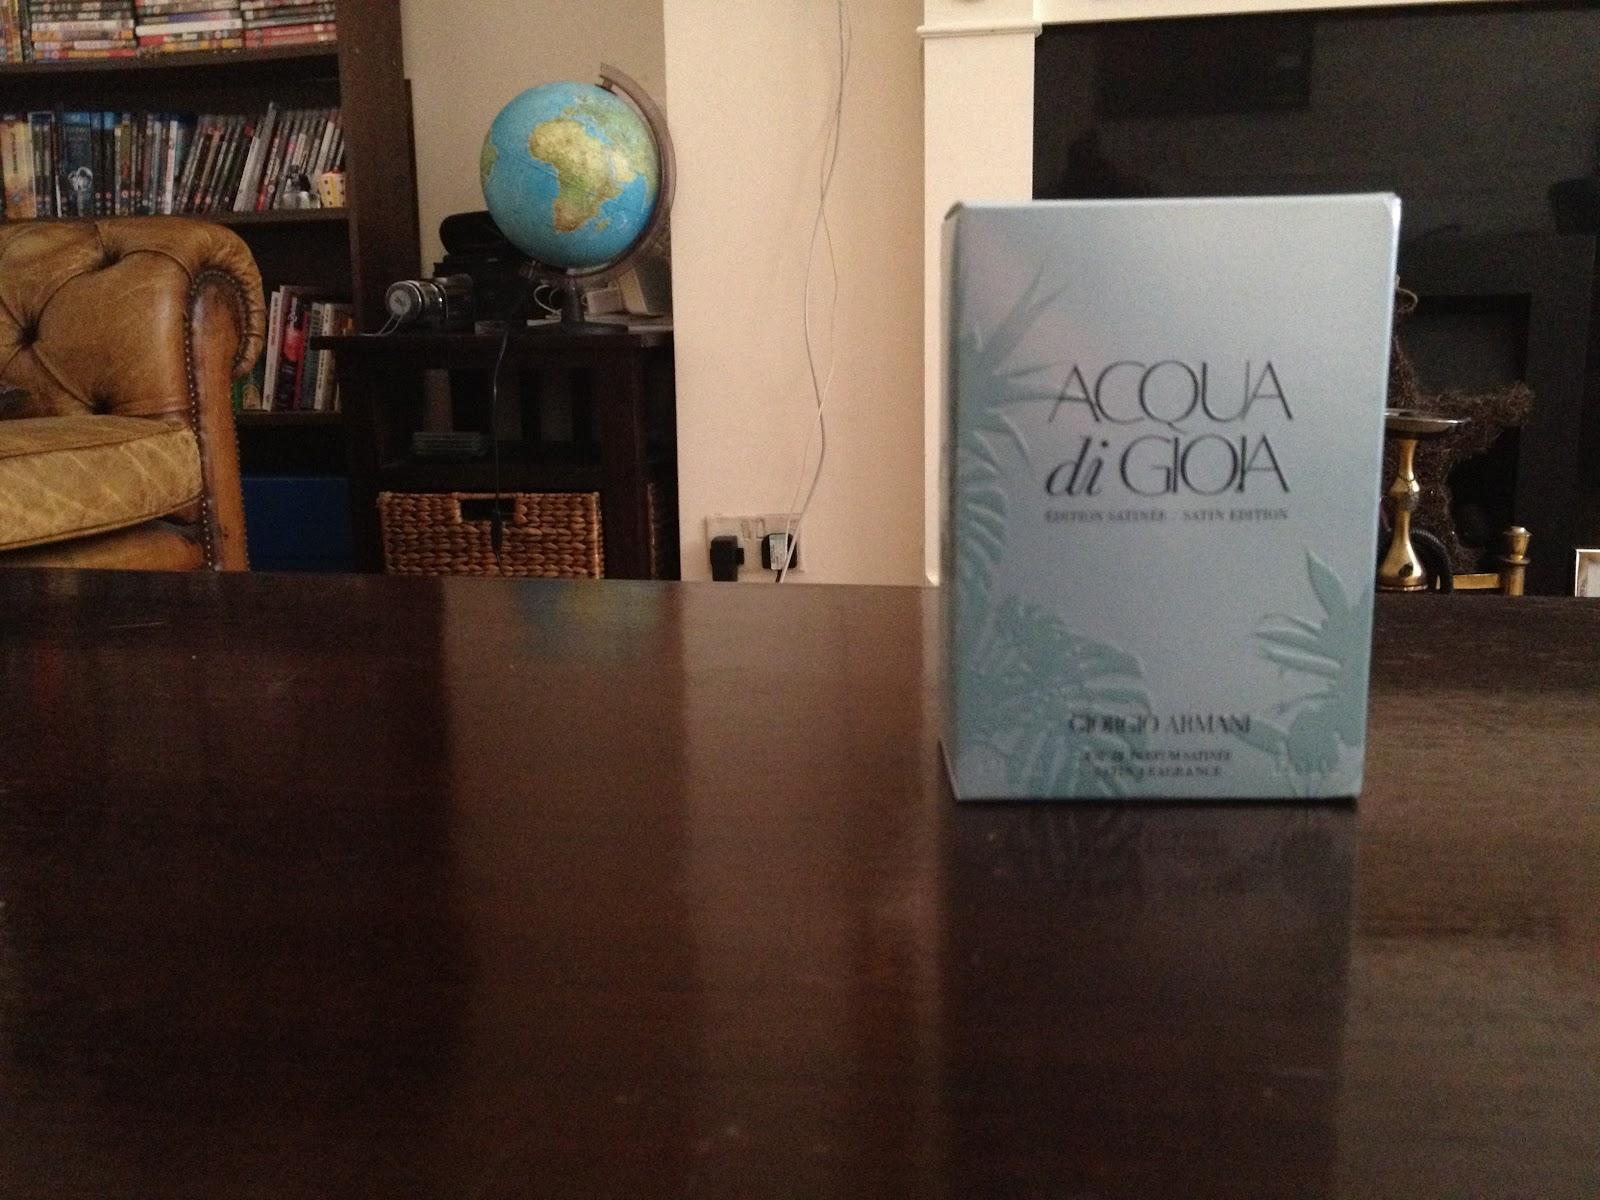 BEAUTY | New Fragrance Giorgio Armani Acqua di Gioia